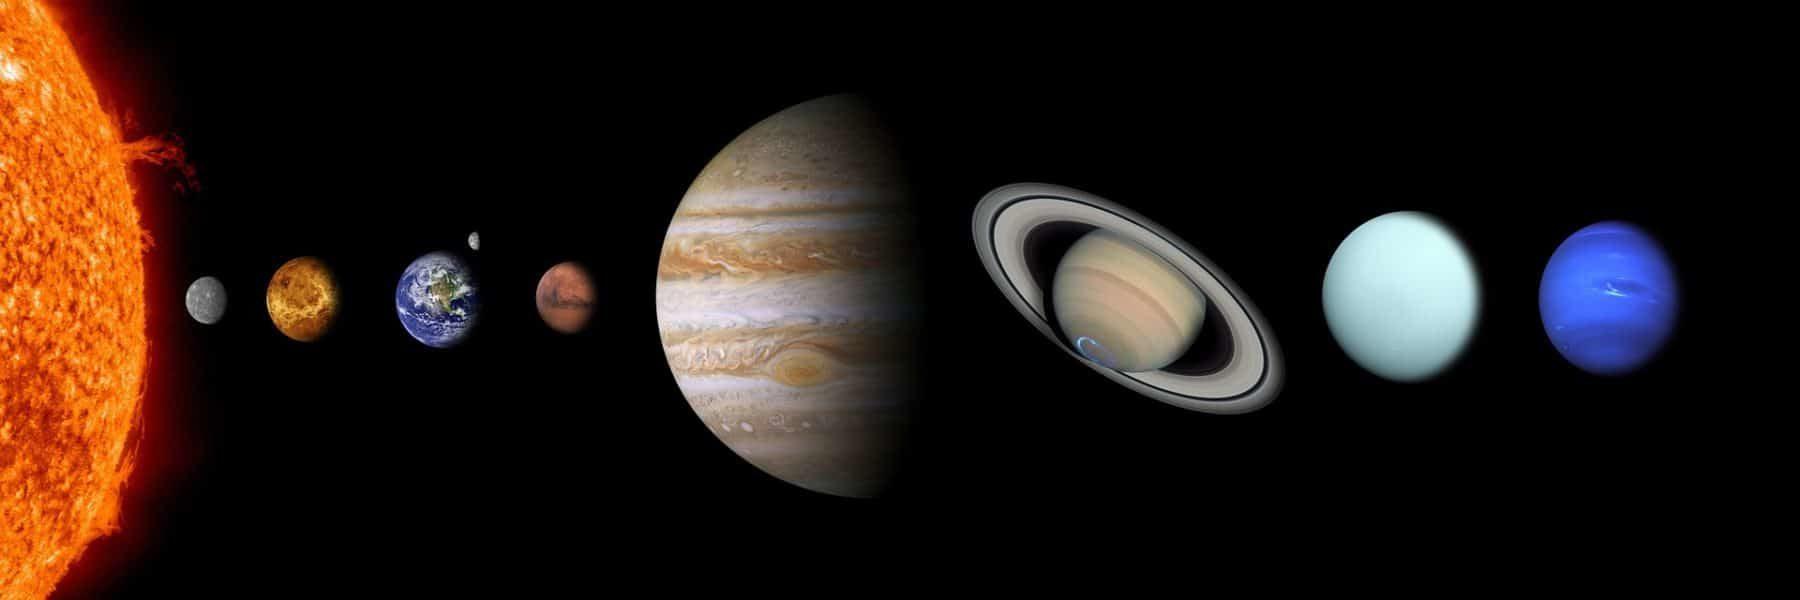 Unser Sonnensystem mit Planeten